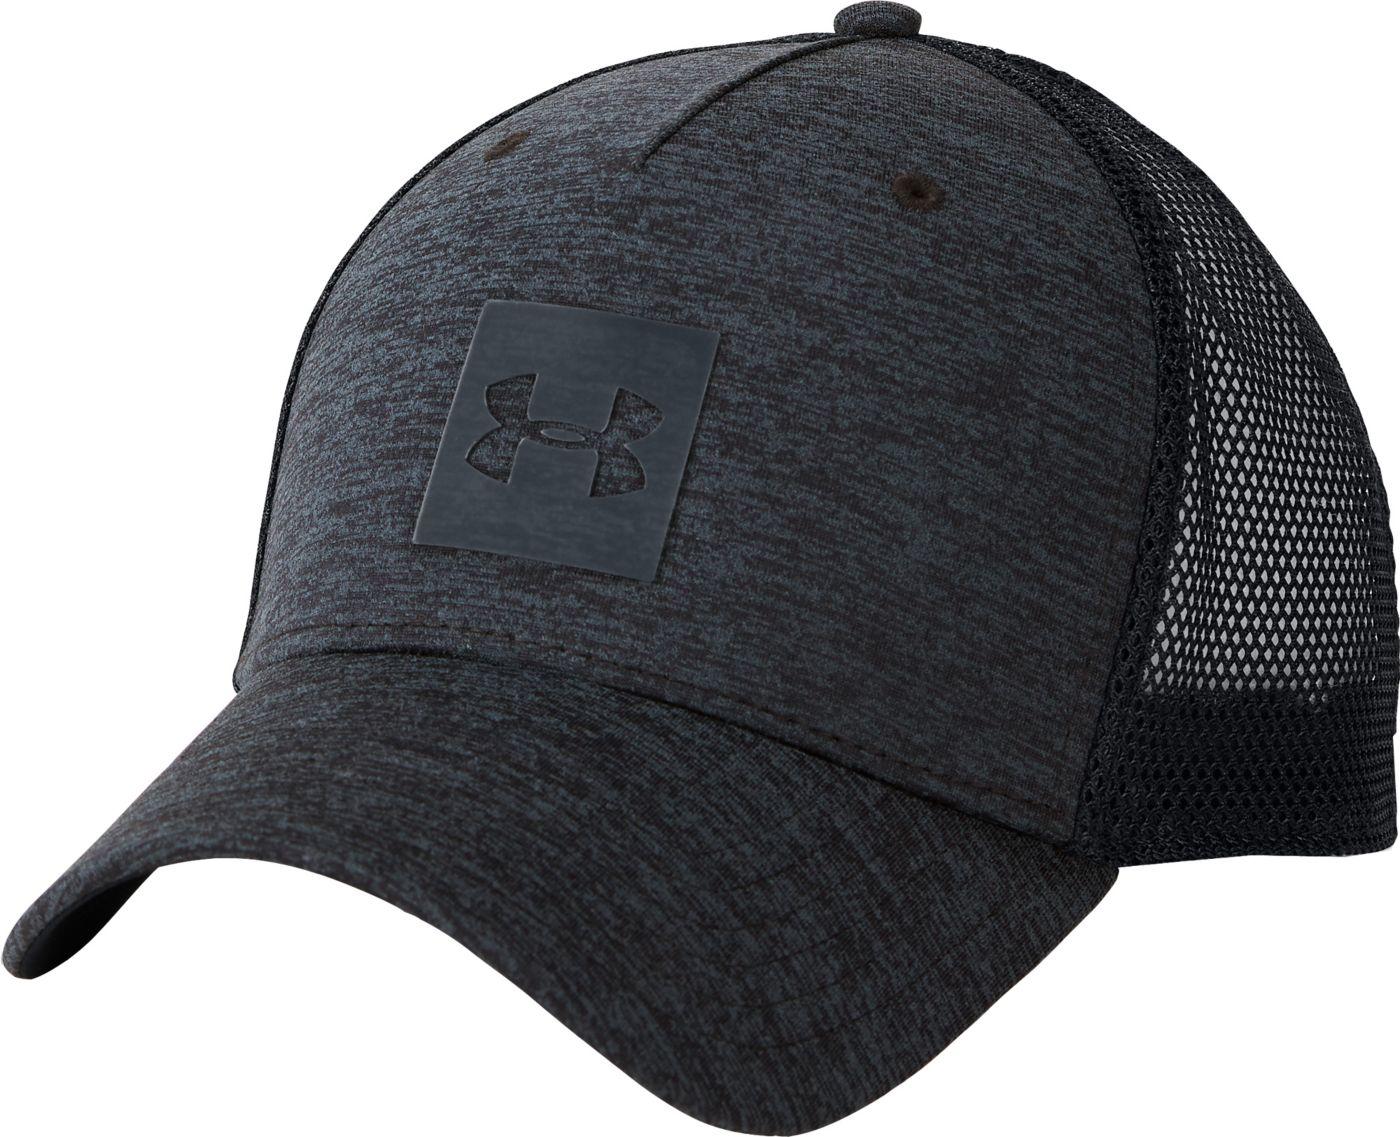 Under Armour Men's Armour Twist Trucker Hat